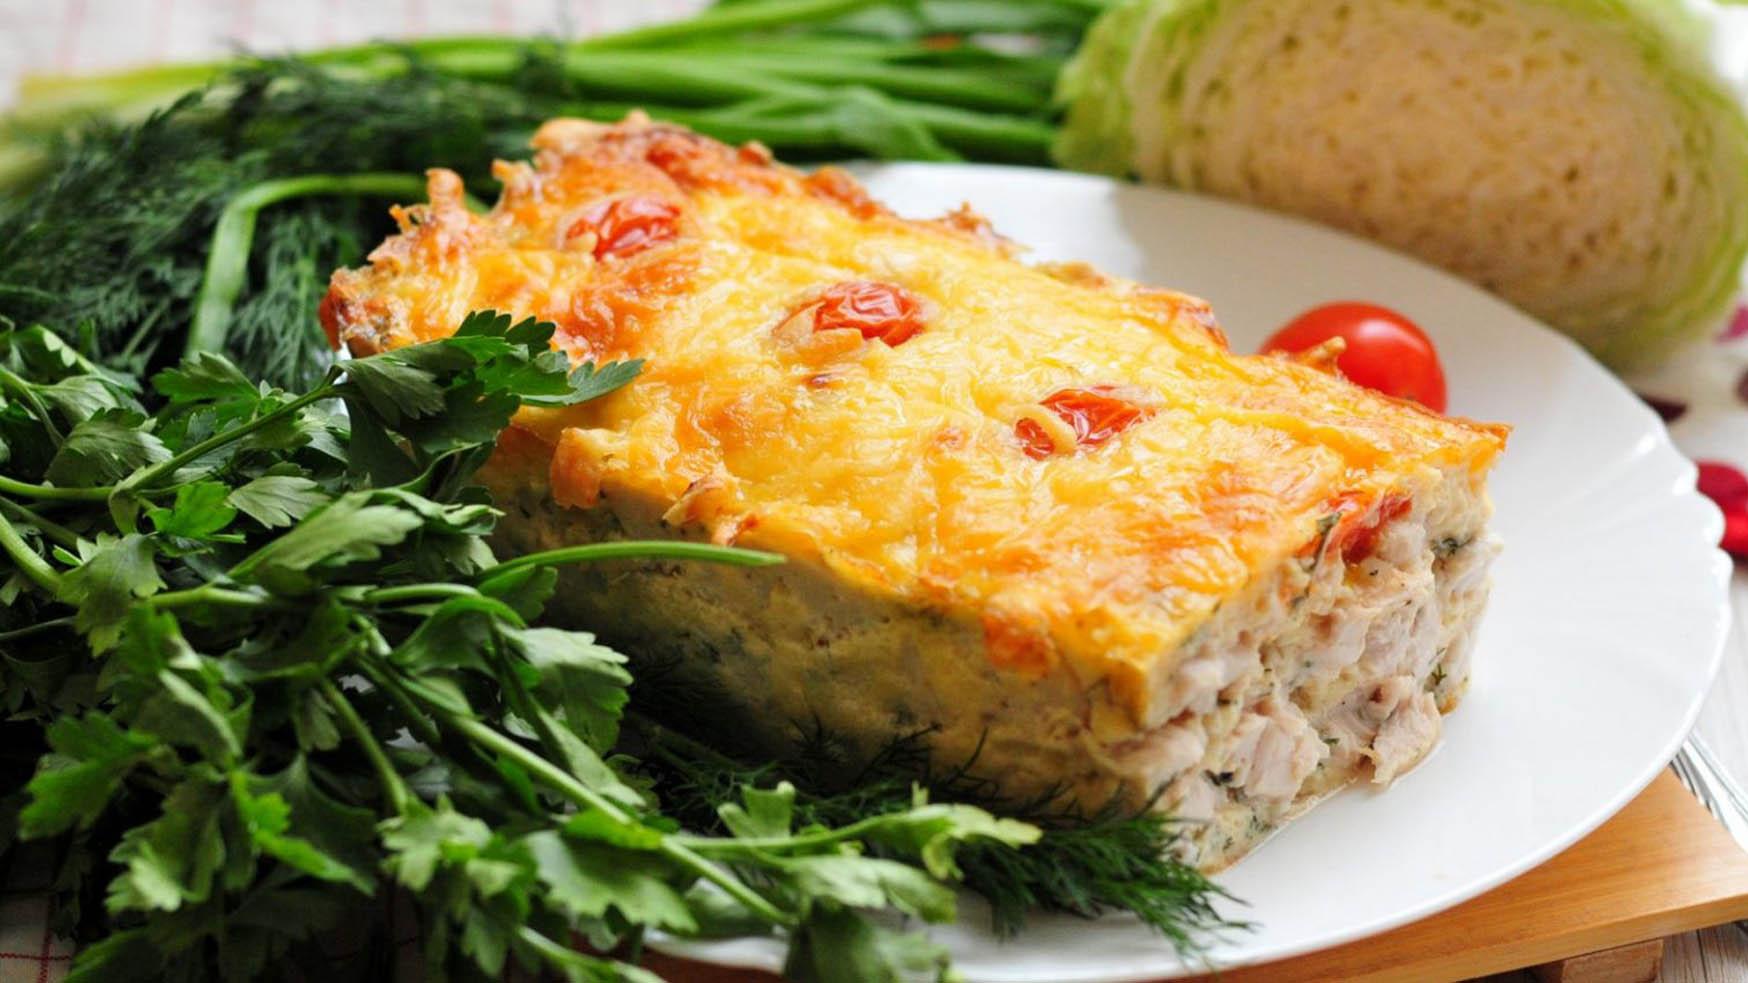 попадаются хорошие диетические блюда рецепты с фото простые лучшему дедушке